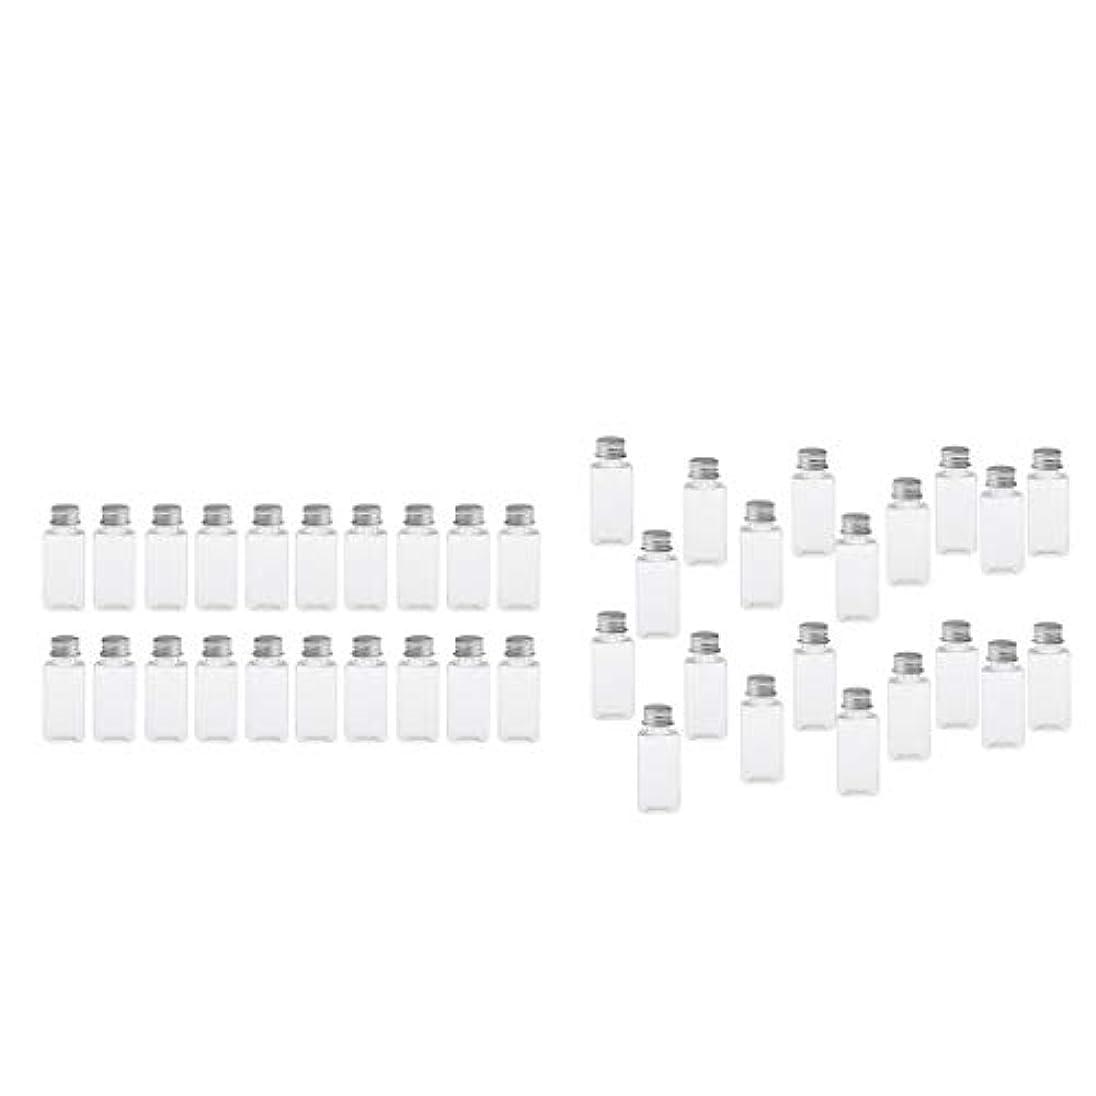 深く行動ゲージT TOOYFUL 60個入り 空ボトル メイクアップボトル ローションボトル 化粧ボトル 旅行用品 全4選択 - クリア+銀(約40個)